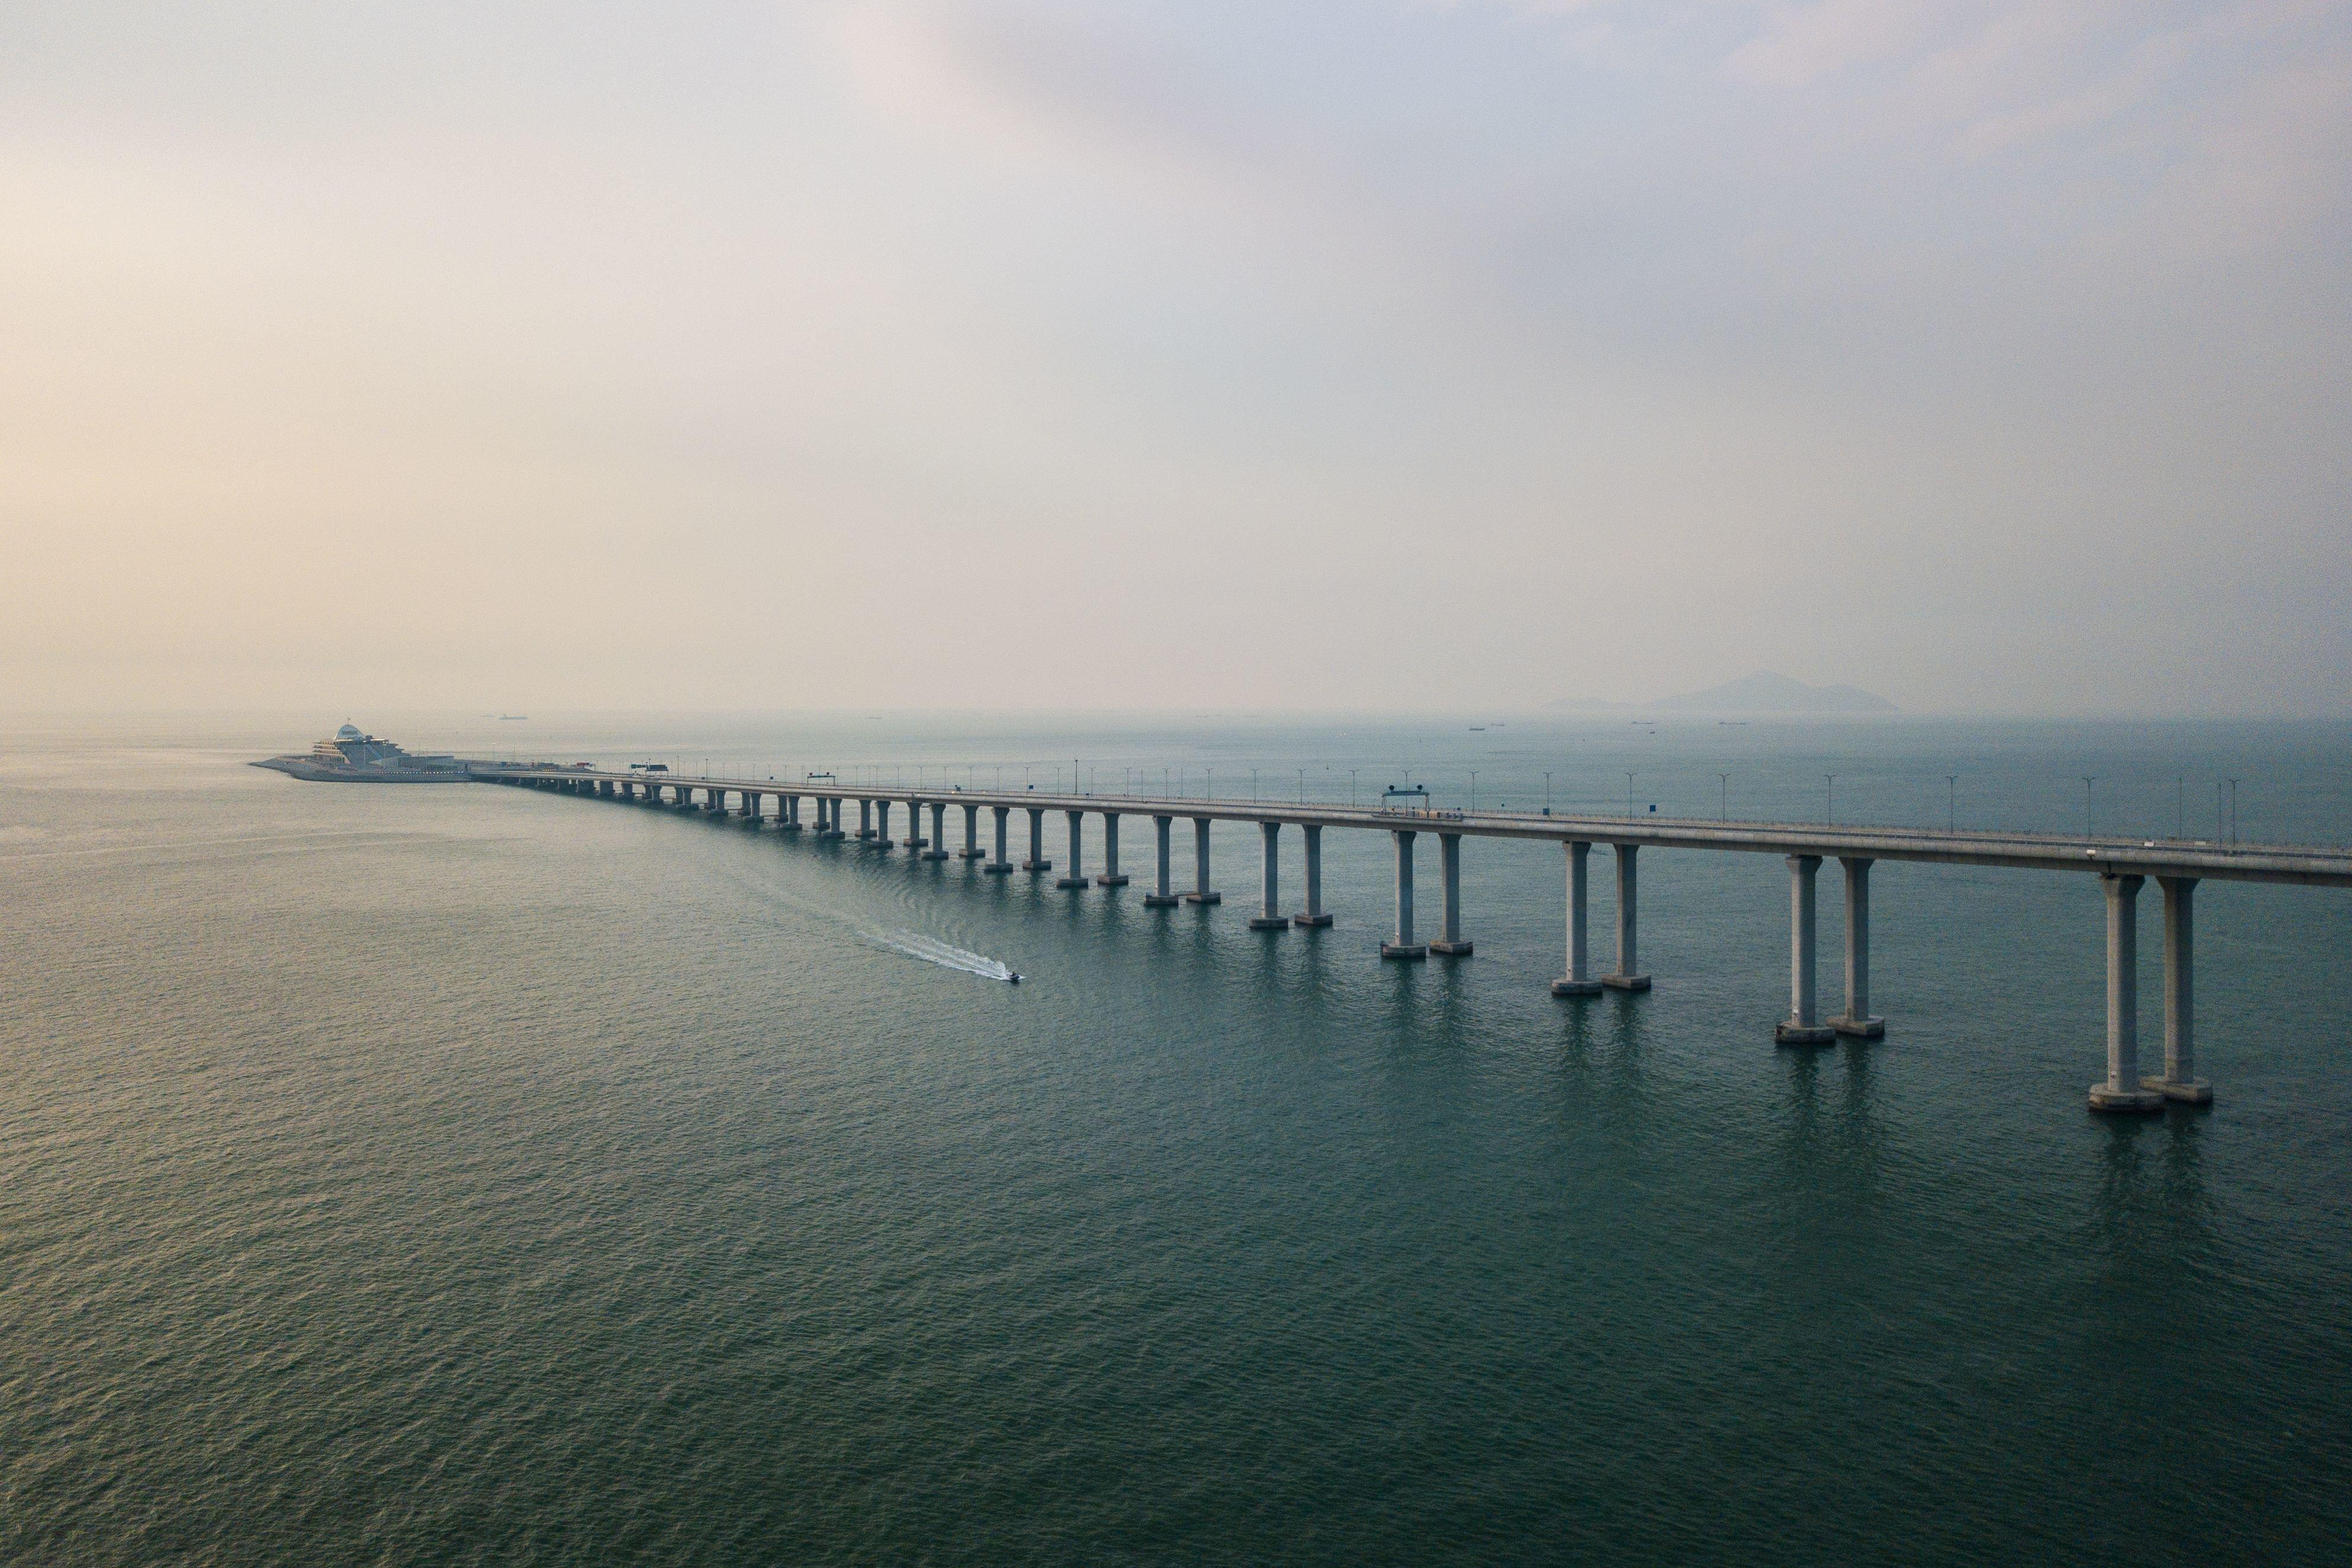 중국과 홍콩을 잇는 세계에서 가장 긴 다리가